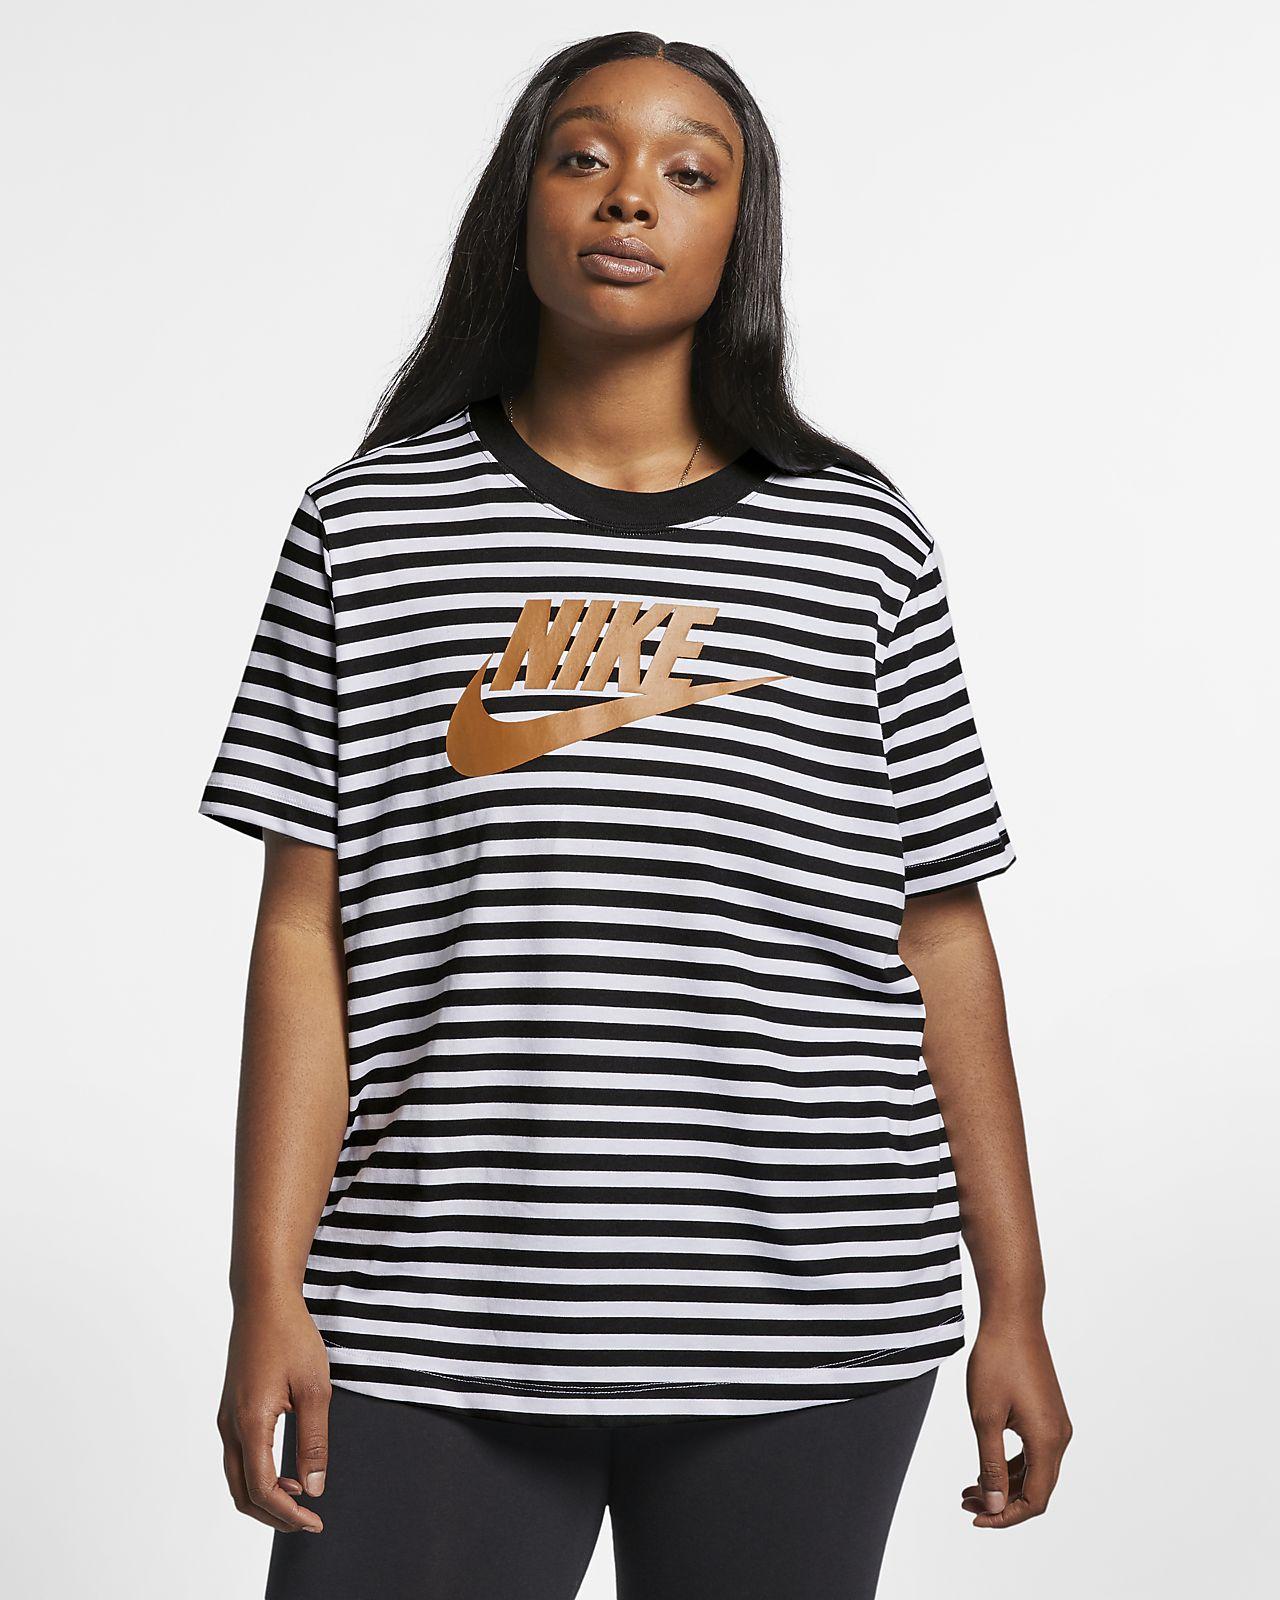 Haut à manches courtes Nike Sportswear pour Femme (grande taille)